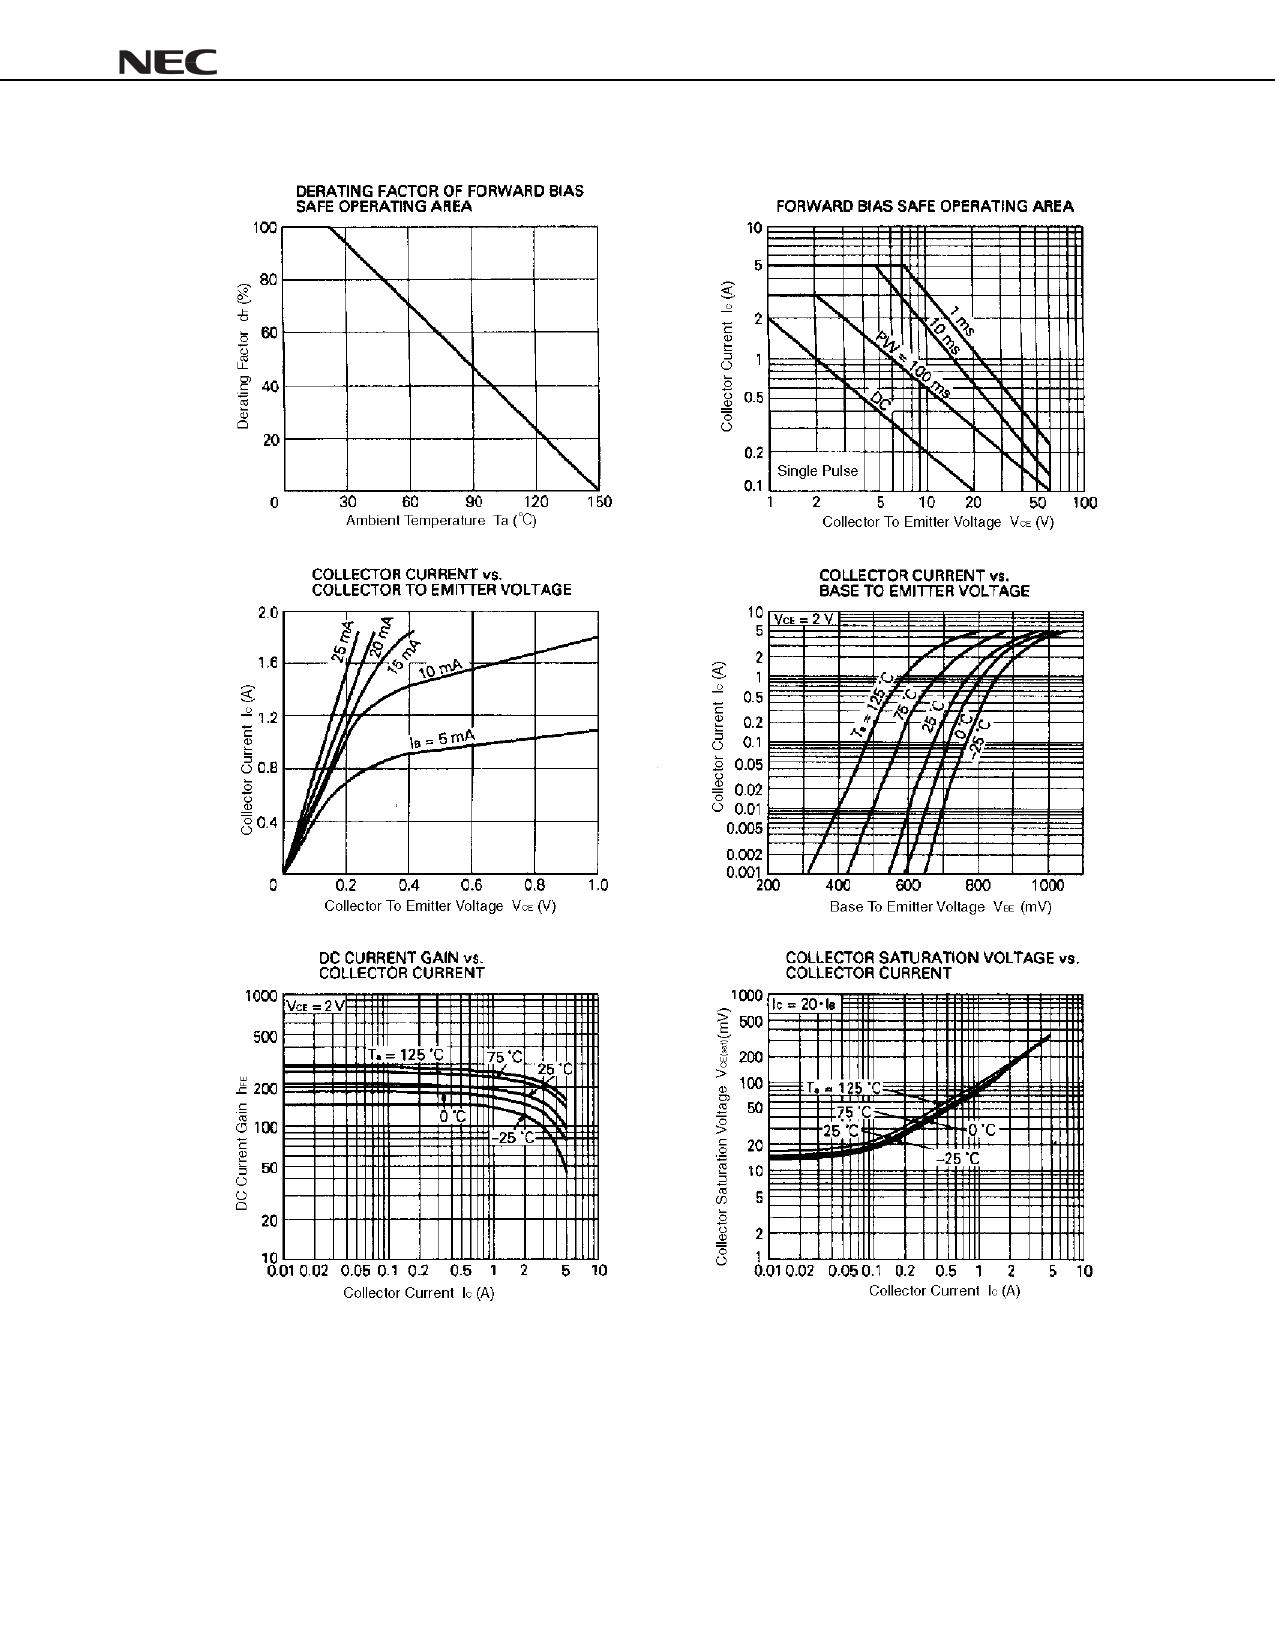 D2403 pdf, 電子部品, 半導体, ピン配列